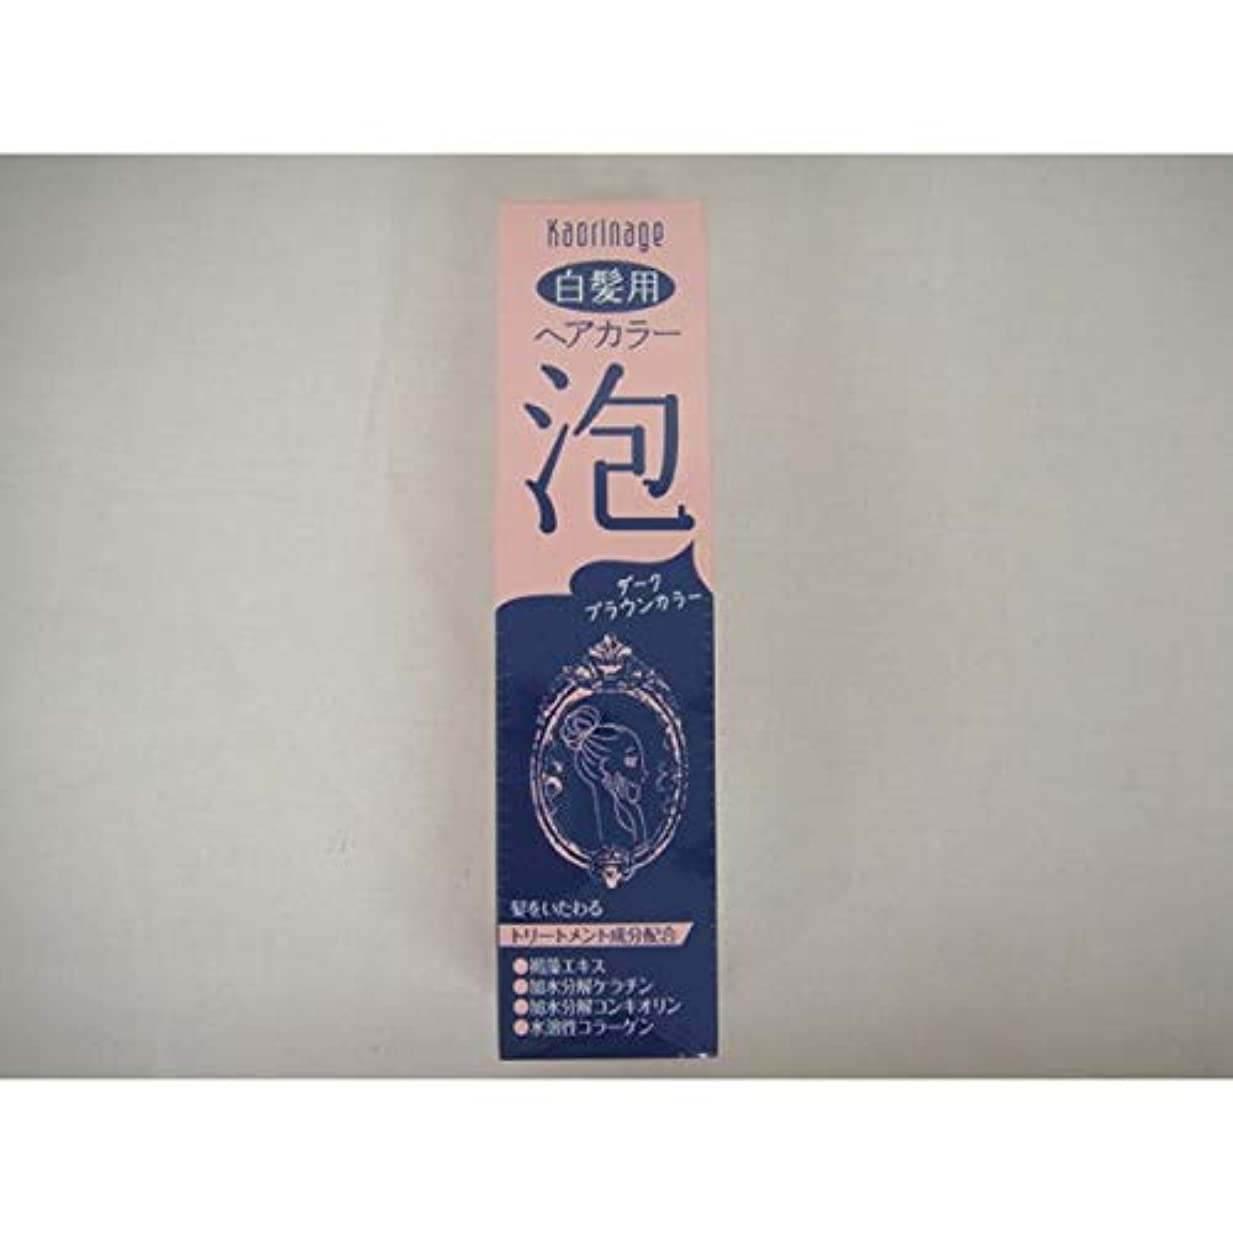 バクテリアマグ貝殻【X2個セット】カオリナージュ ヘアカラー泡タイプ ダークブラウン 80g 白髪染め